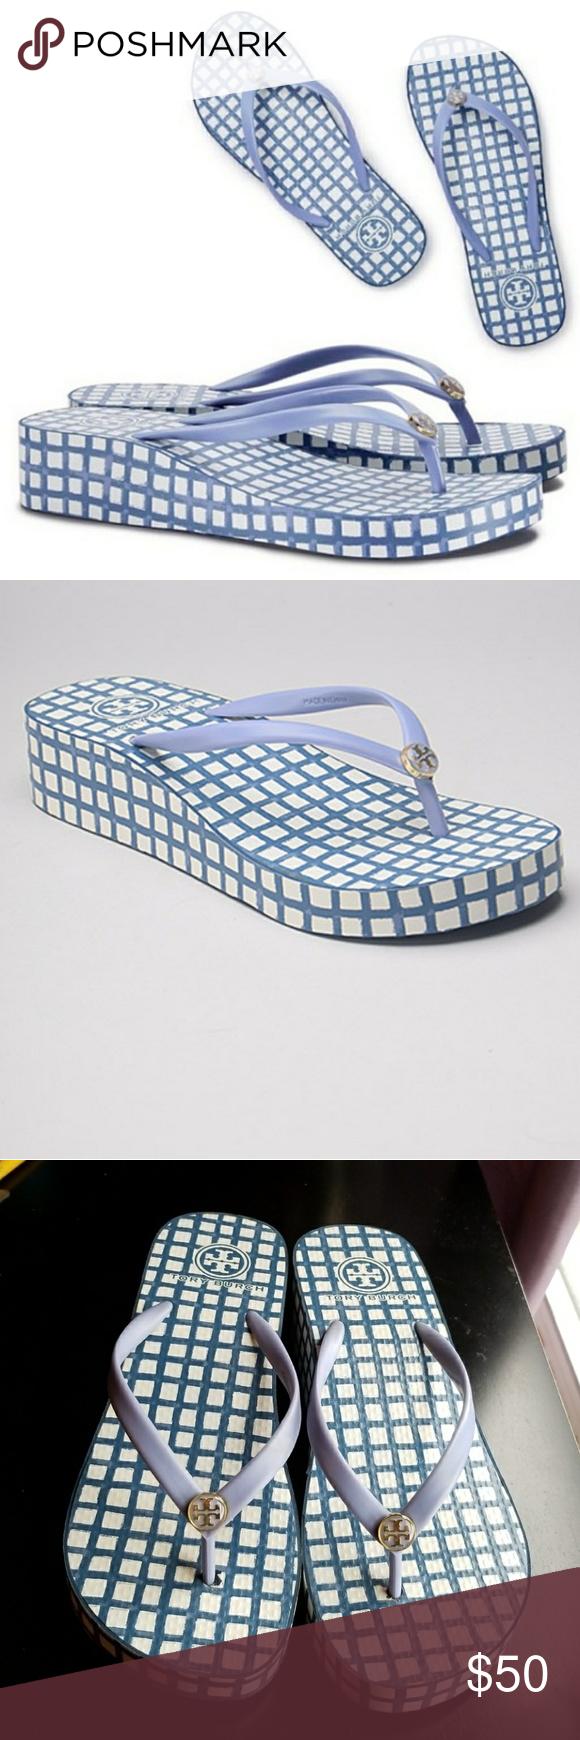 d9cd2c6de53d20 Tory Burch Thandie Wedge Flip-flop A crisp pattern lends a modern touch to  the